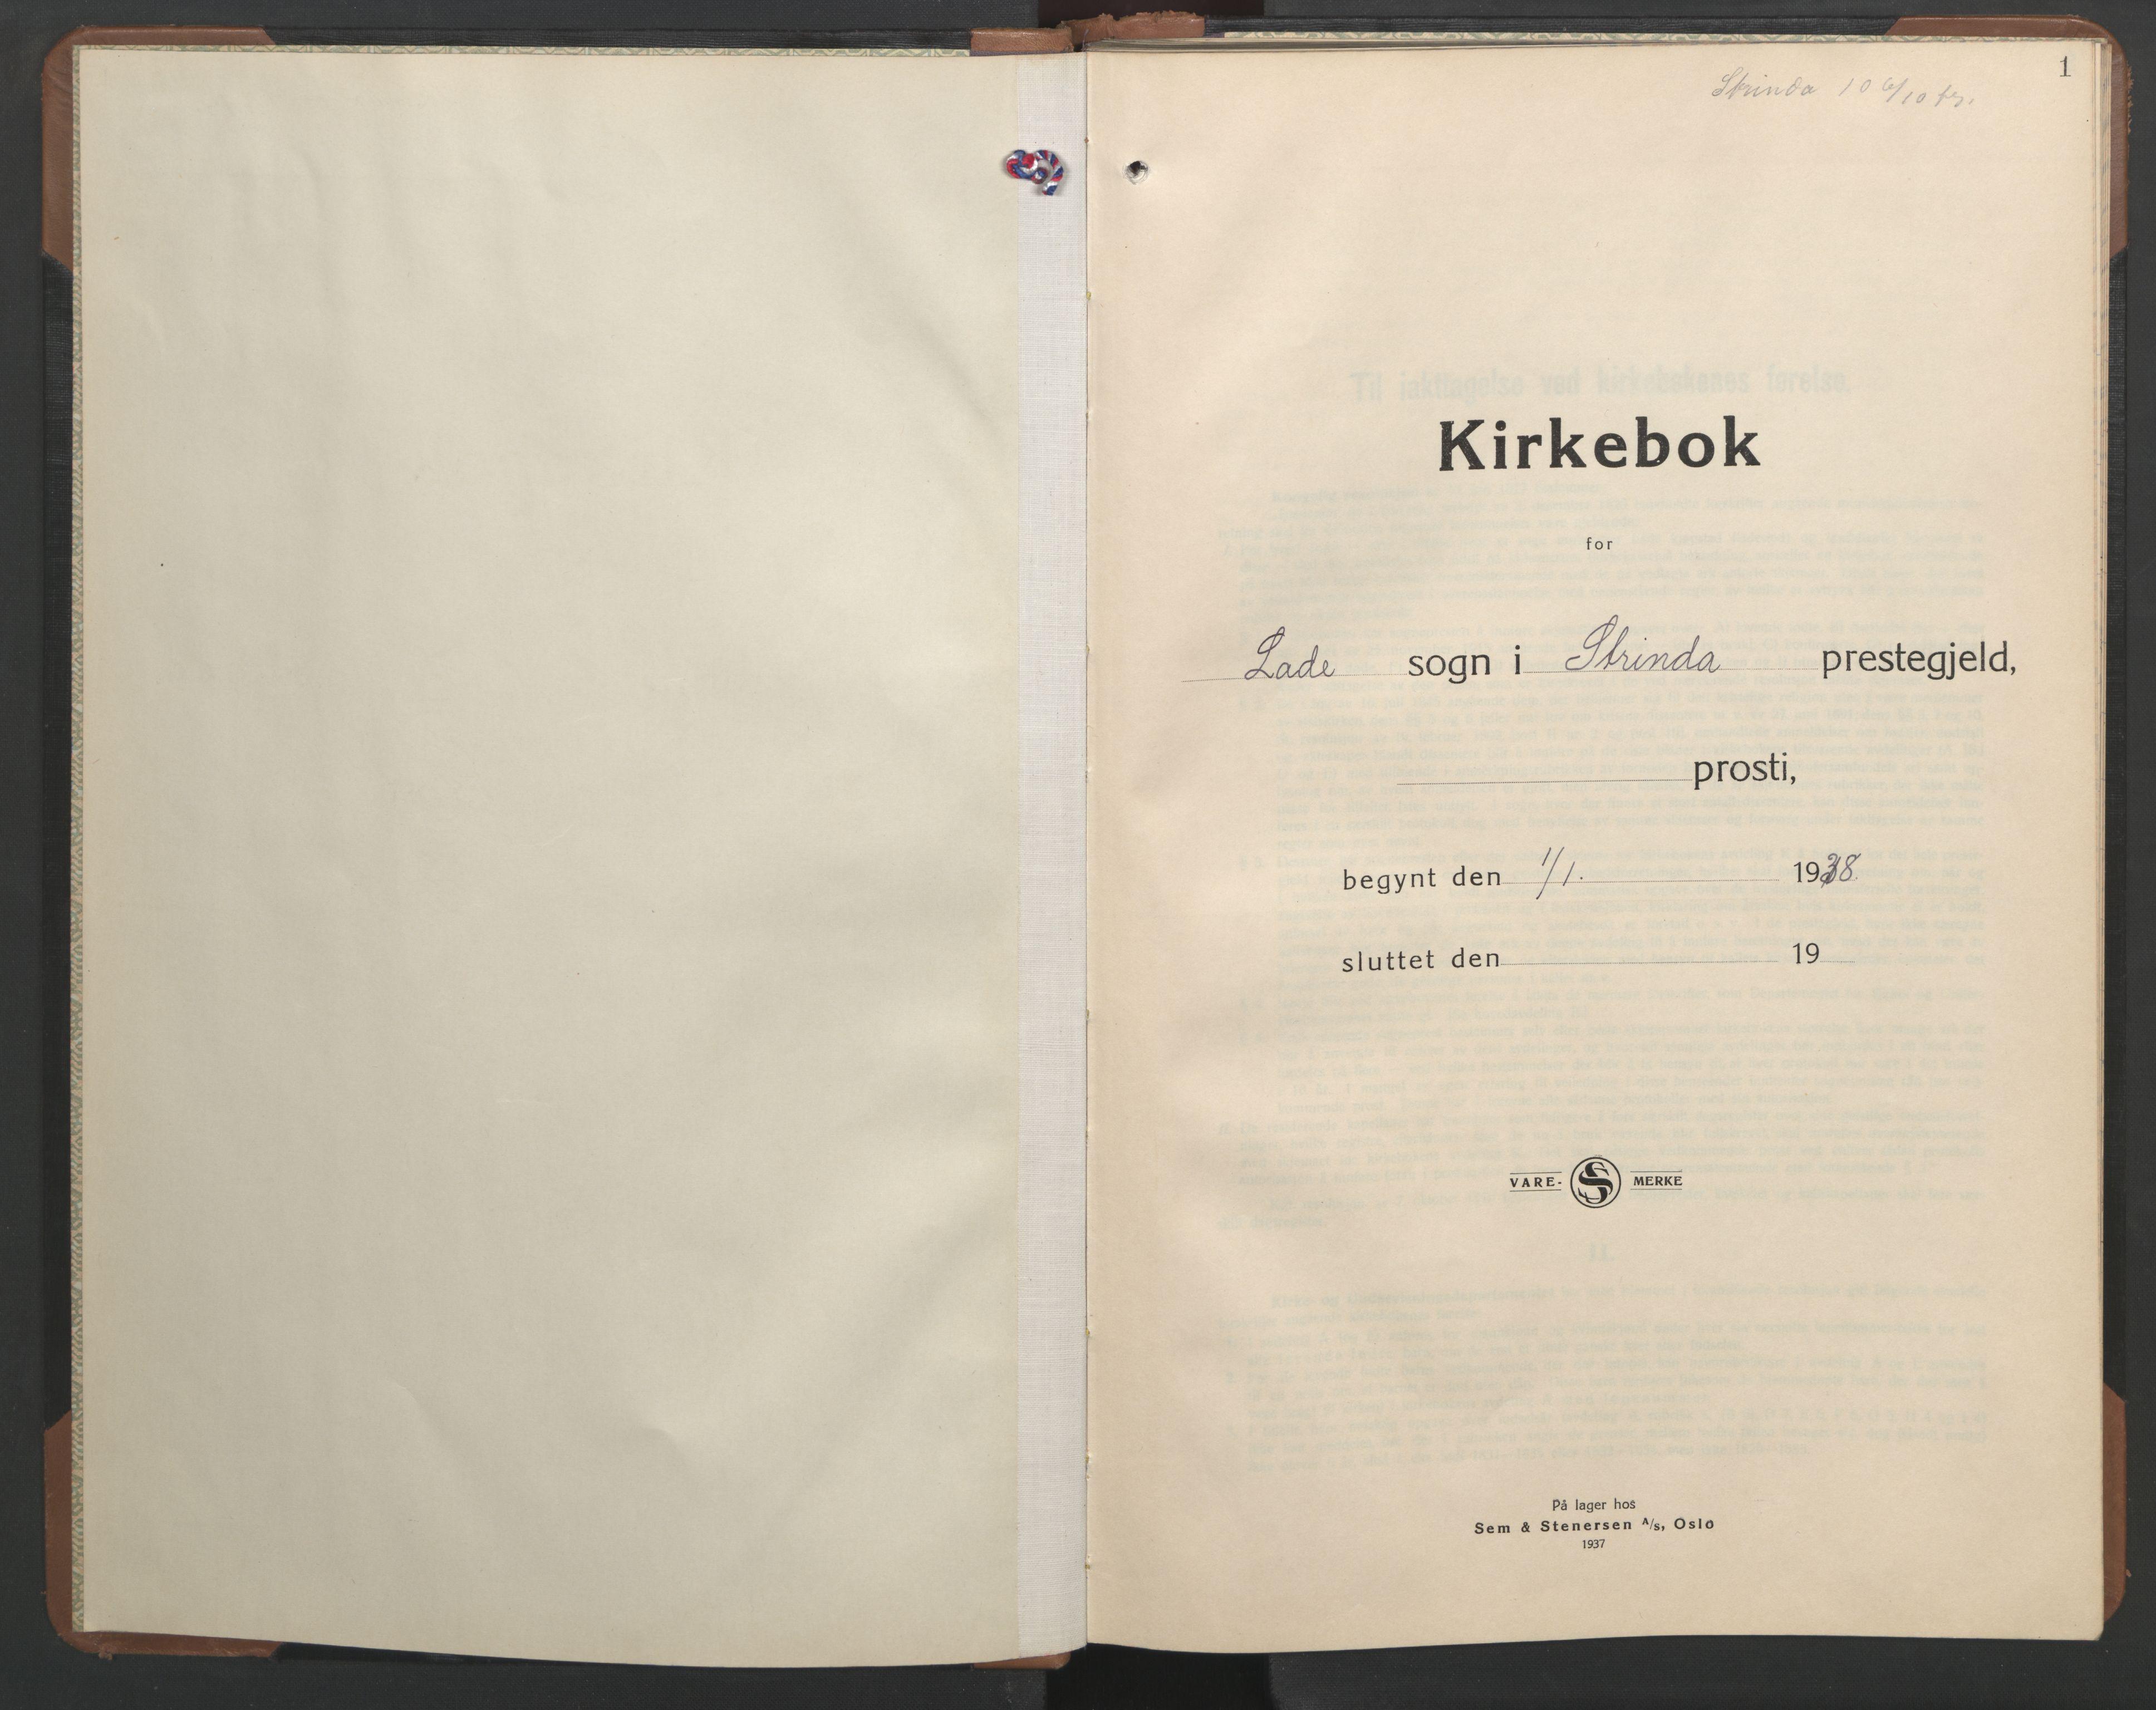 SAT, Ministerialprotokoller, klokkerbøker og fødselsregistre - Sør-Trøndelag, 606/L0315: Klokkerbok nr. 606C11, 1938-1947, s. 1